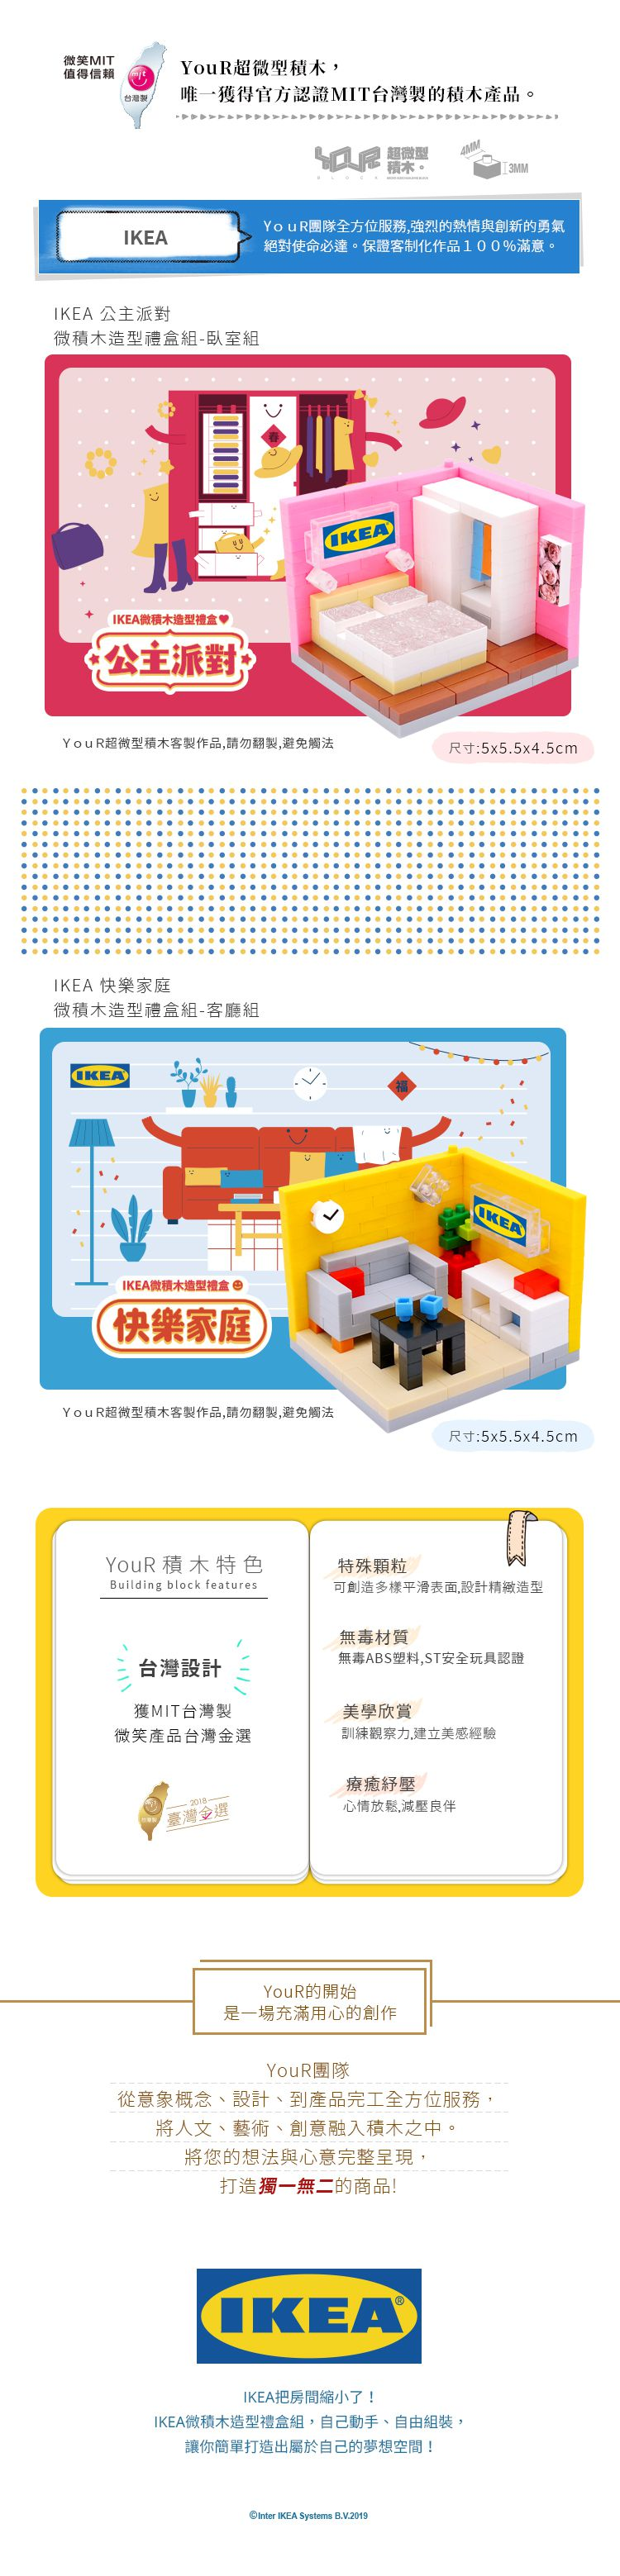 IKEA,宜家家居,卡友禮, 微型積木